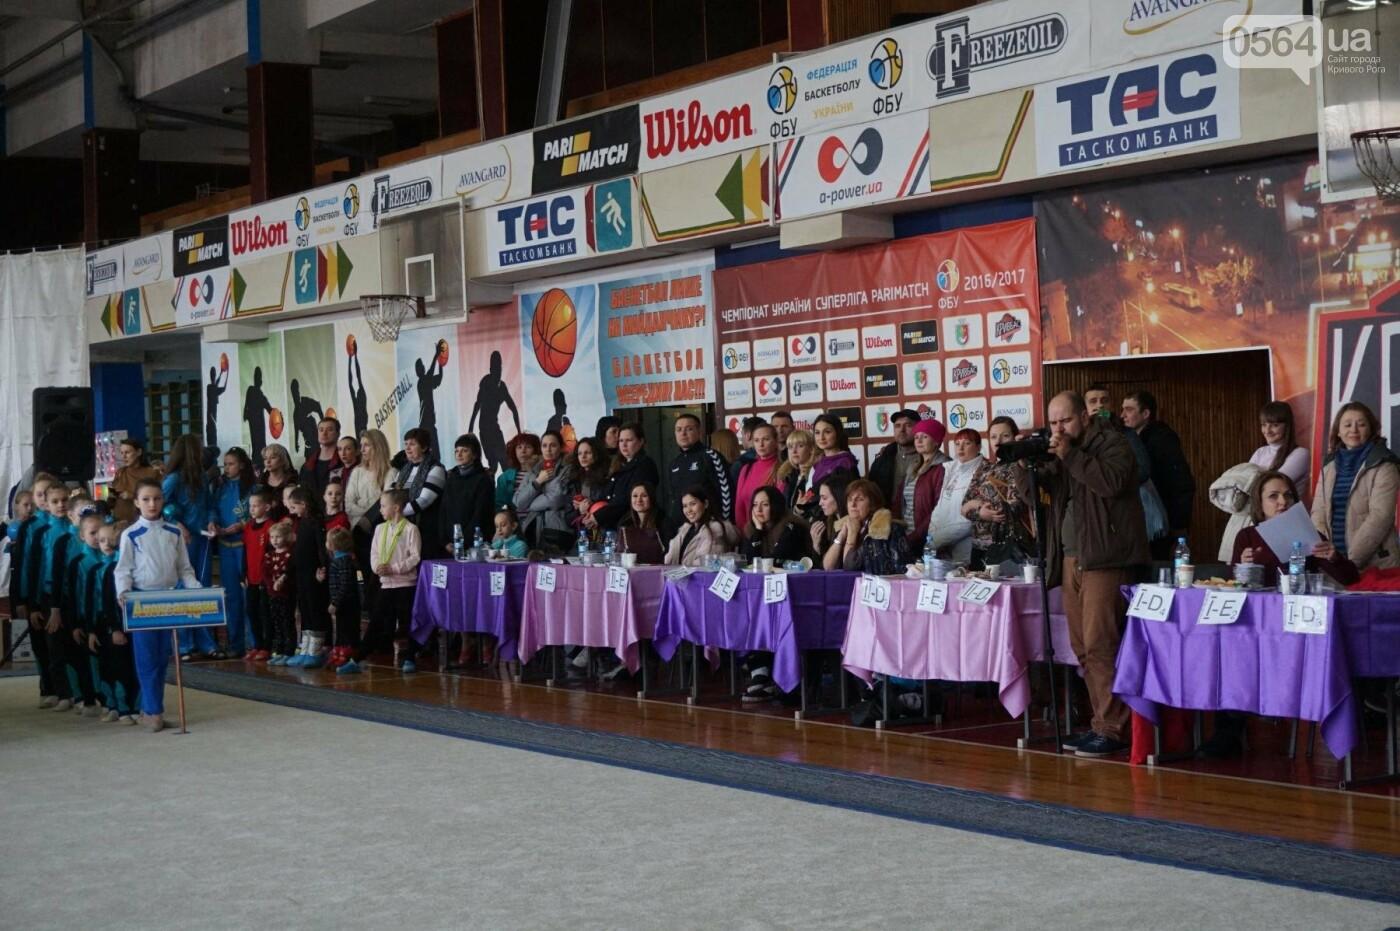 Праздник красоты и грации состоялся в Кривом Роге (ФОТО), фото-52